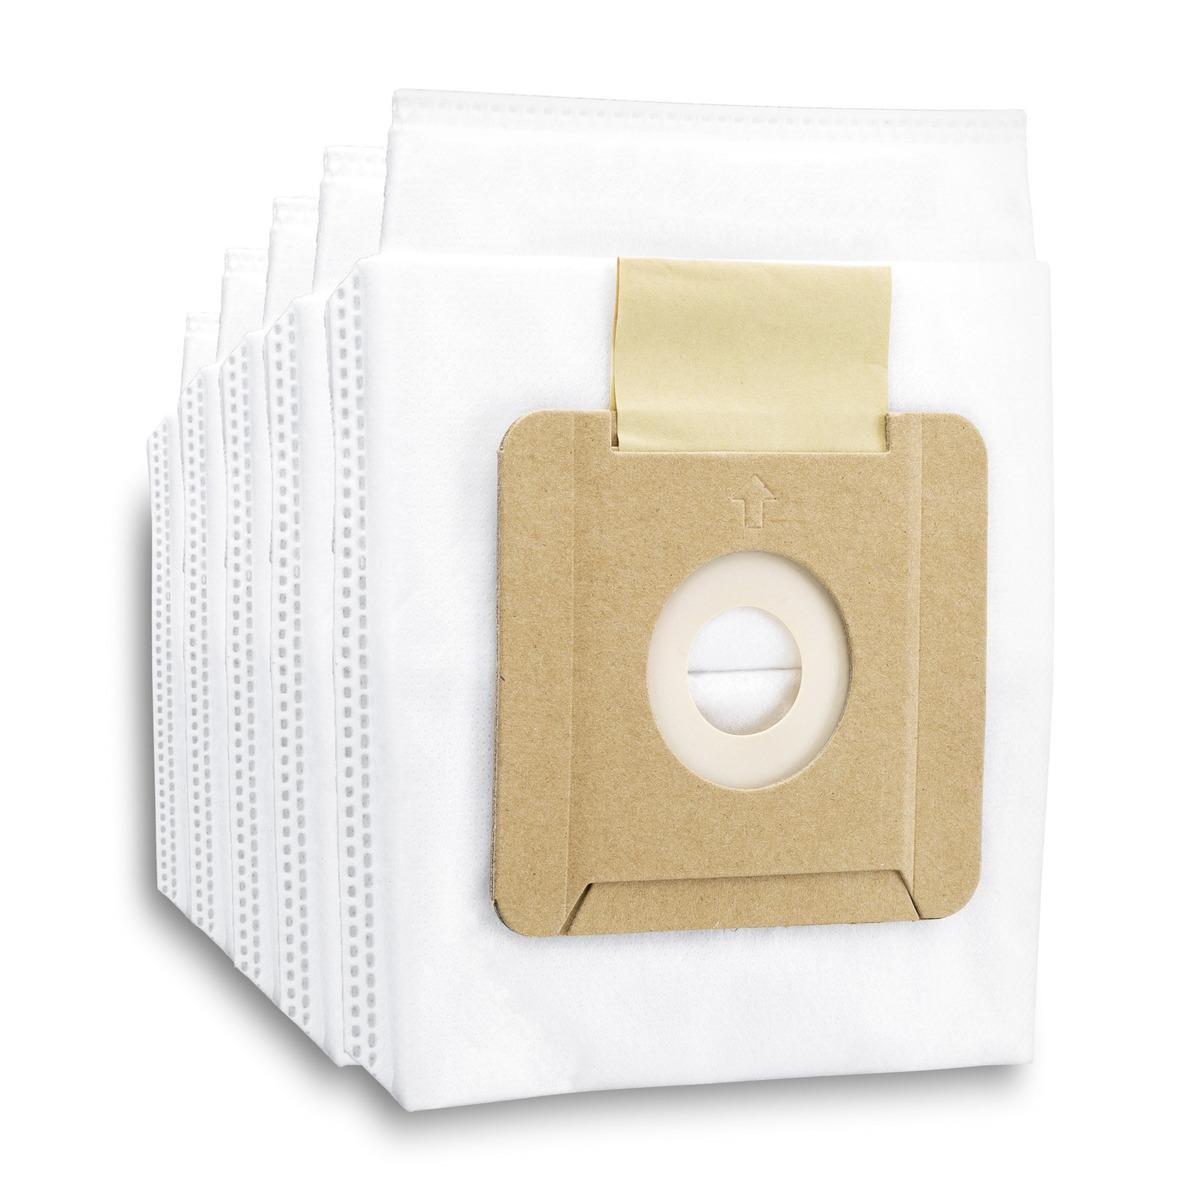 Kärcher Súprava filtračných vreciek z netkanej textílie pre VC 2, 5 ks